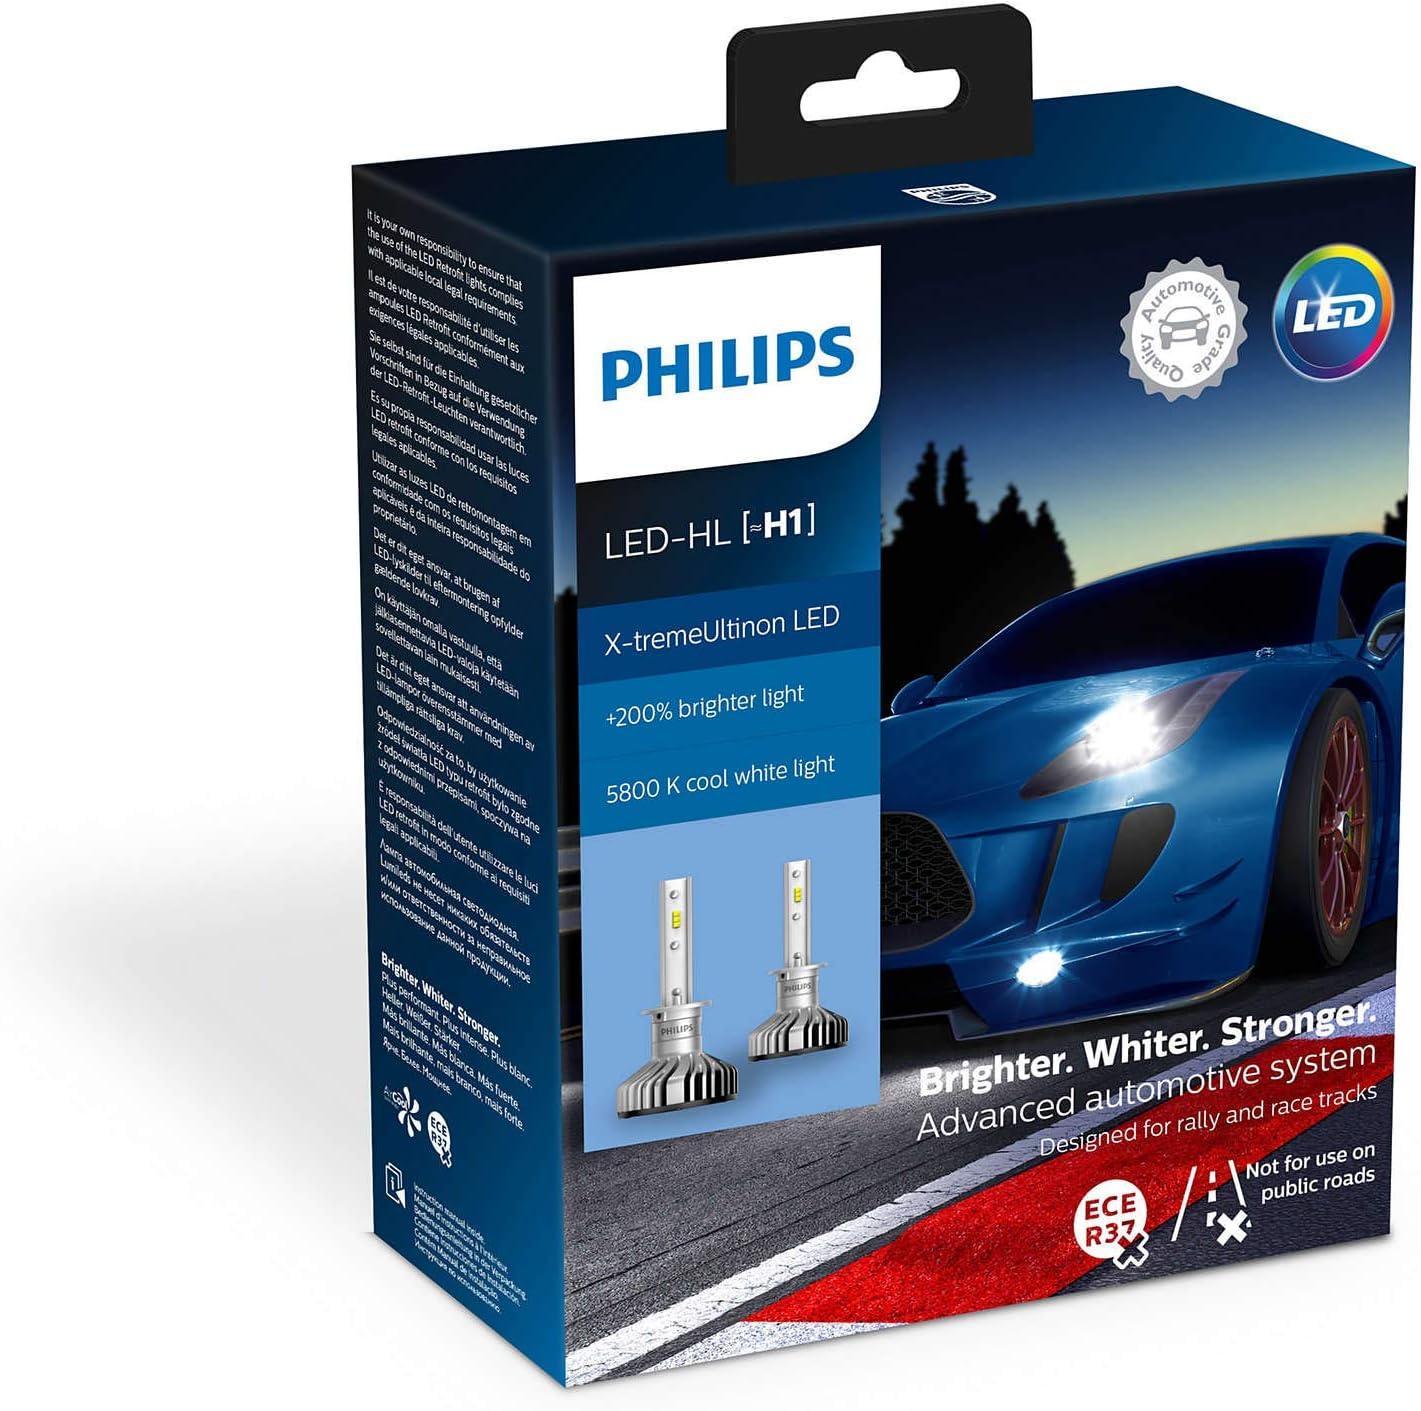 Philips automotive lighting 11258XUX2 X-tremeUltinon LED Faros Delanteros (H1), 6.500K, Set de 2